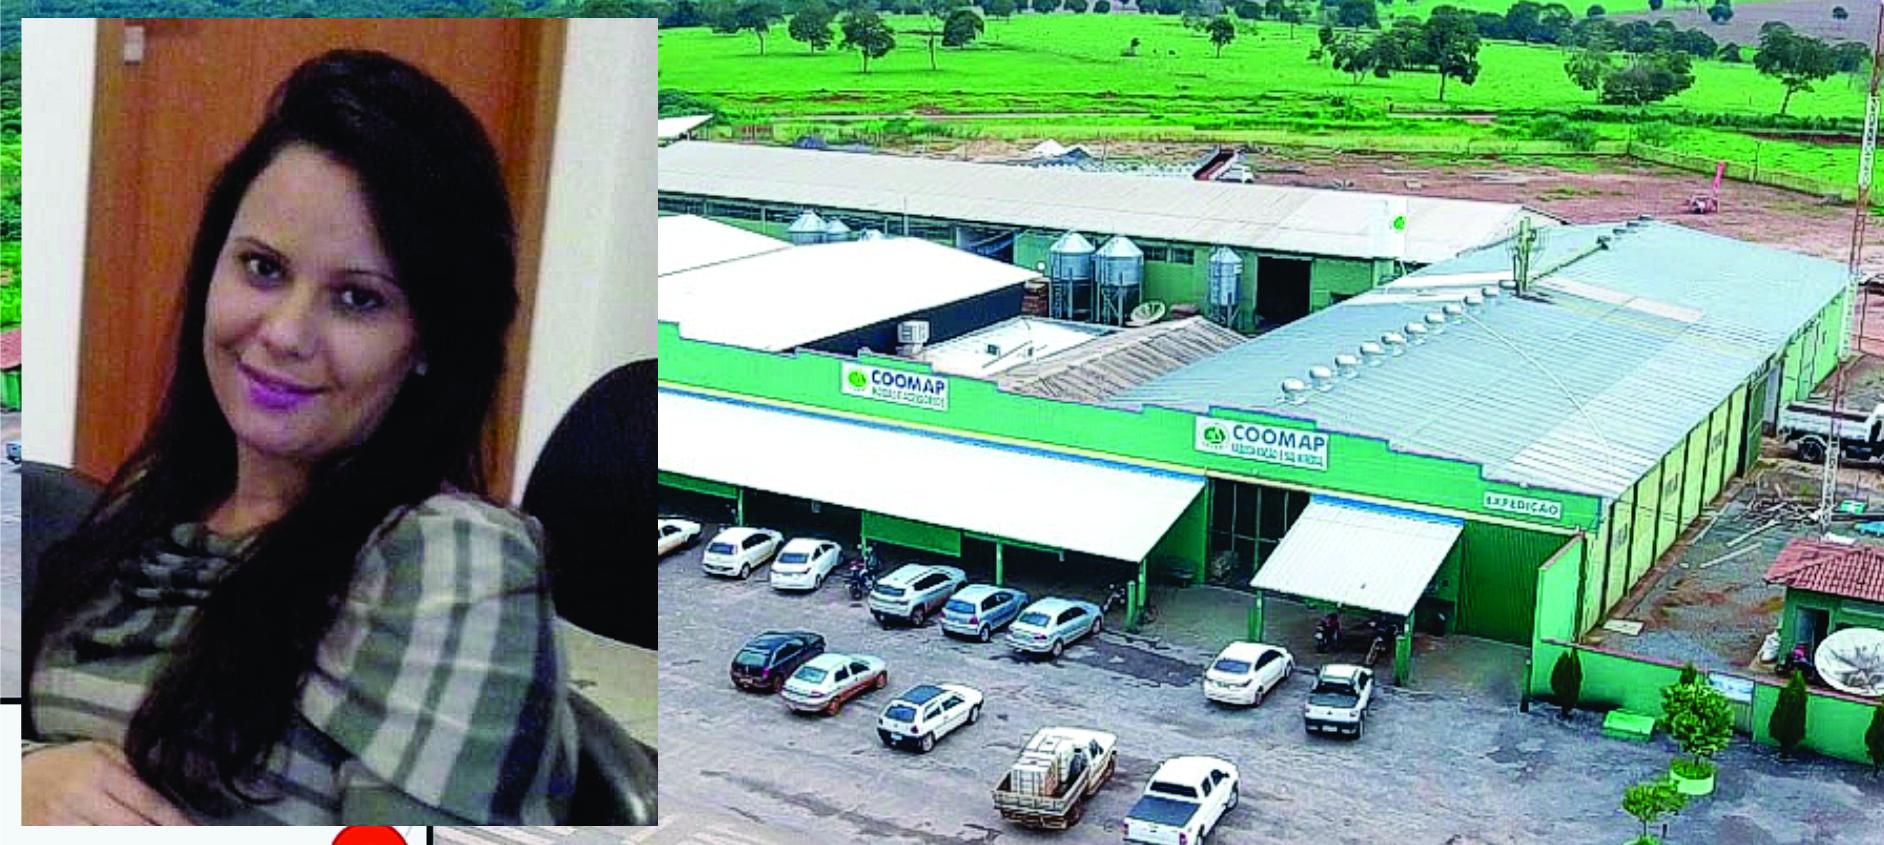 Gerente do Sicoob confessa desvio de R$ 2,7 mi de Cooperativa, em Palminópolis